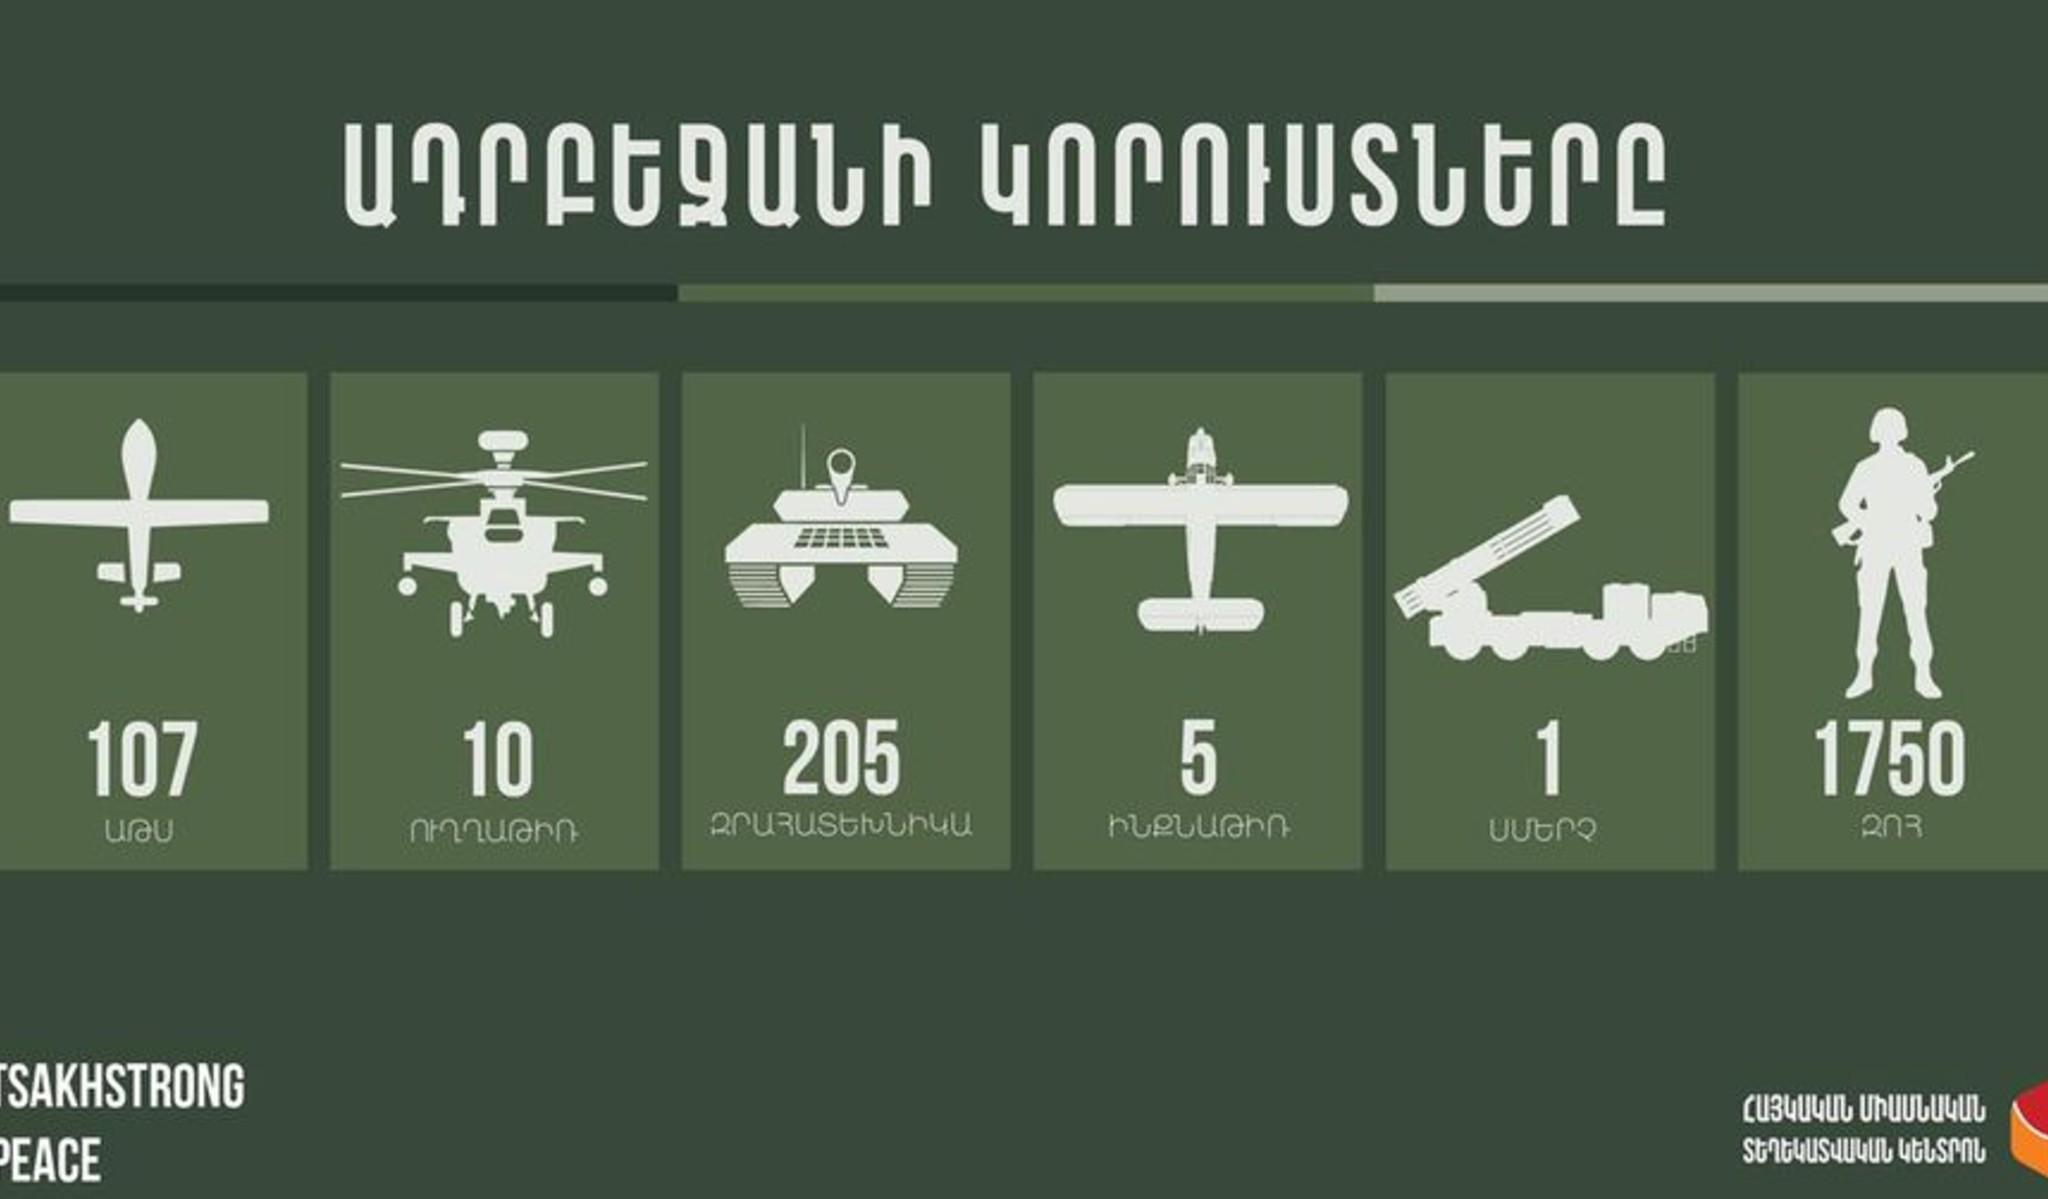 107 ԱԹՍ, 205 զրահատեխնիկա, 10 ուղղաթիռ, 1 սմերչ... Ադրբեջանի կորուստները 8:00-ի դրությամբ